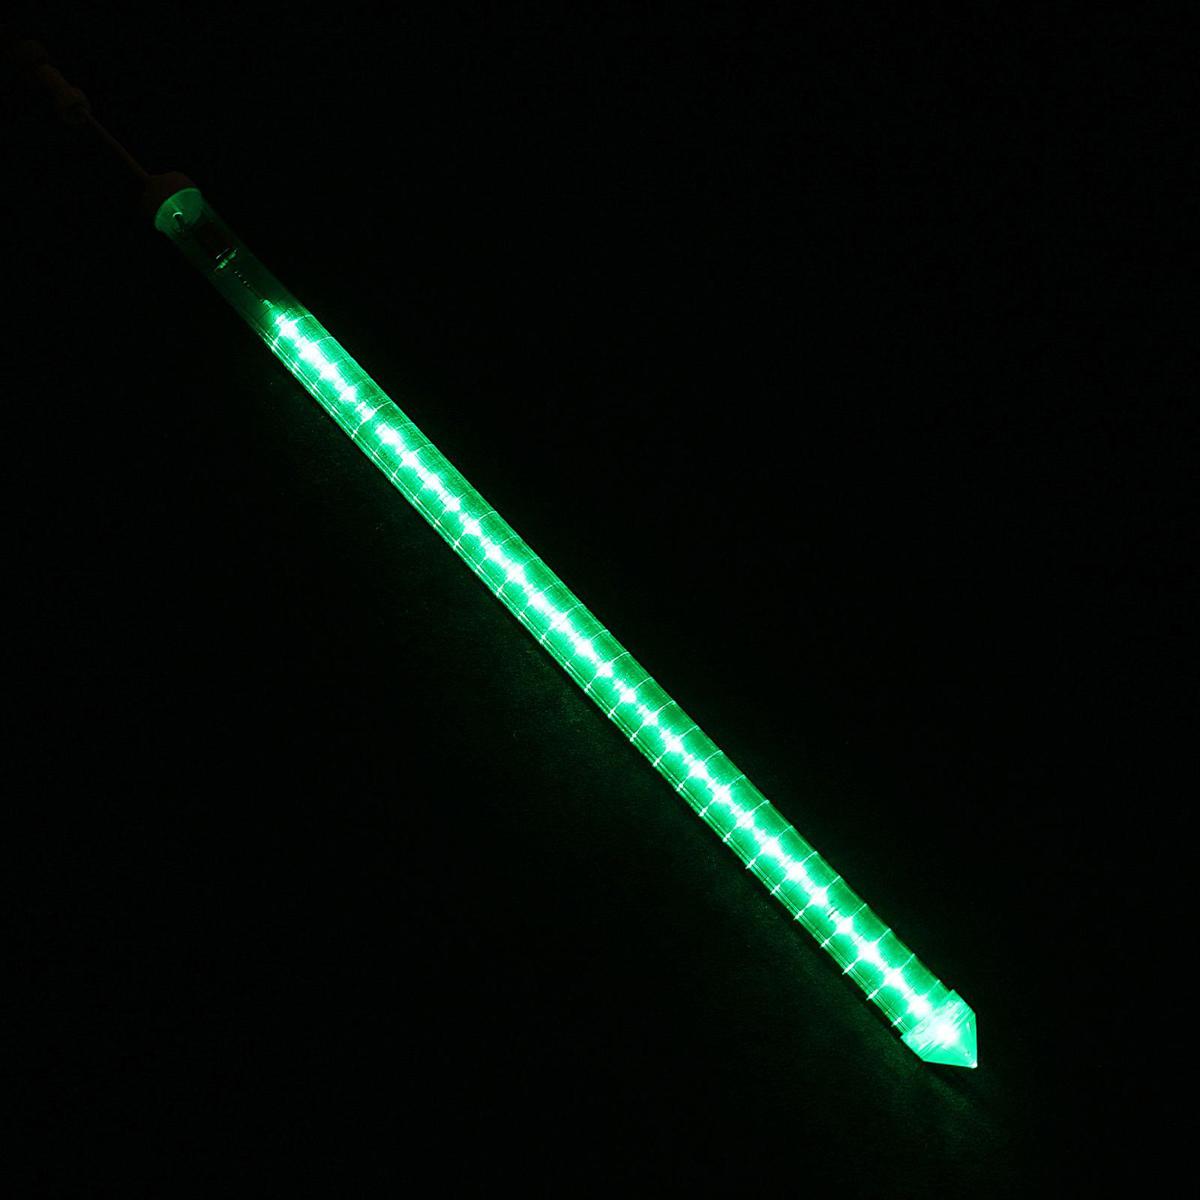 Светодиодная сосулька Luazon Тающая, длина 0,5 м, диаметр 3 см, 2W, LED 30 ламп, 220V, цвет: зеленый1080722Светодиодные гирлянды, ленты и т.д — это отличный вариант для новогоднего оформления интерьера или фасада. С их помощью помещение любого размера можно превратить в праздничный зал, а внешние элементы зданий, украшенные ими, мгновенно станут напоминать очертания сказочного дворца. Такие украшения создают ауру предвкушения чуда. Деревья, фасады, витрины, окна и арки будто специально созданы, чтобы вы украсили их светящимися нитями.